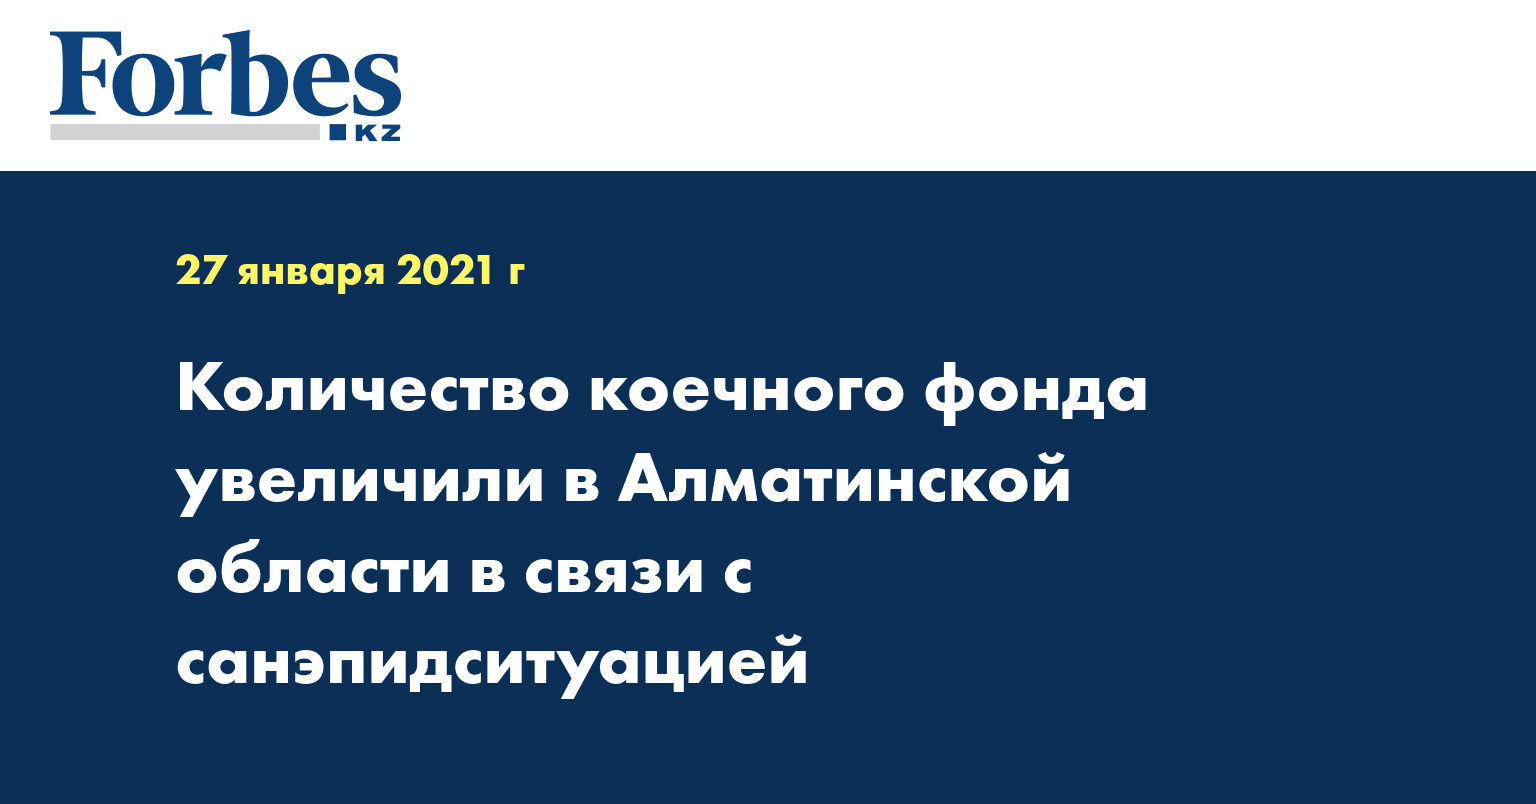 Количество коечного фонда увеличили в Алматинской области в связи с санэпидситуацией